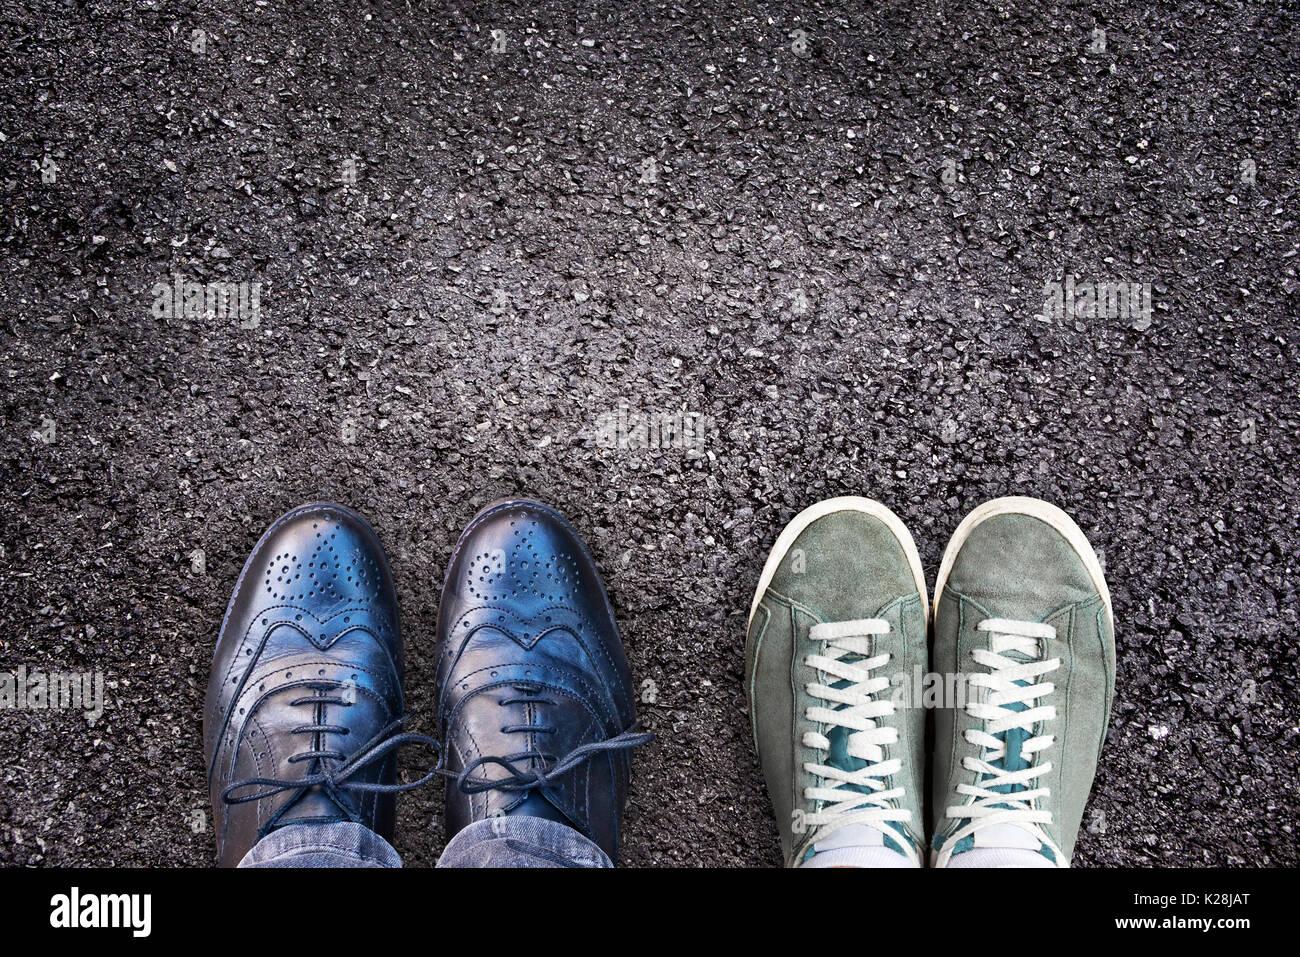 Sneakers und Business Schuhe Seite an Seite auf dem Asphalt, Work Life Balance Konzept Stockbild